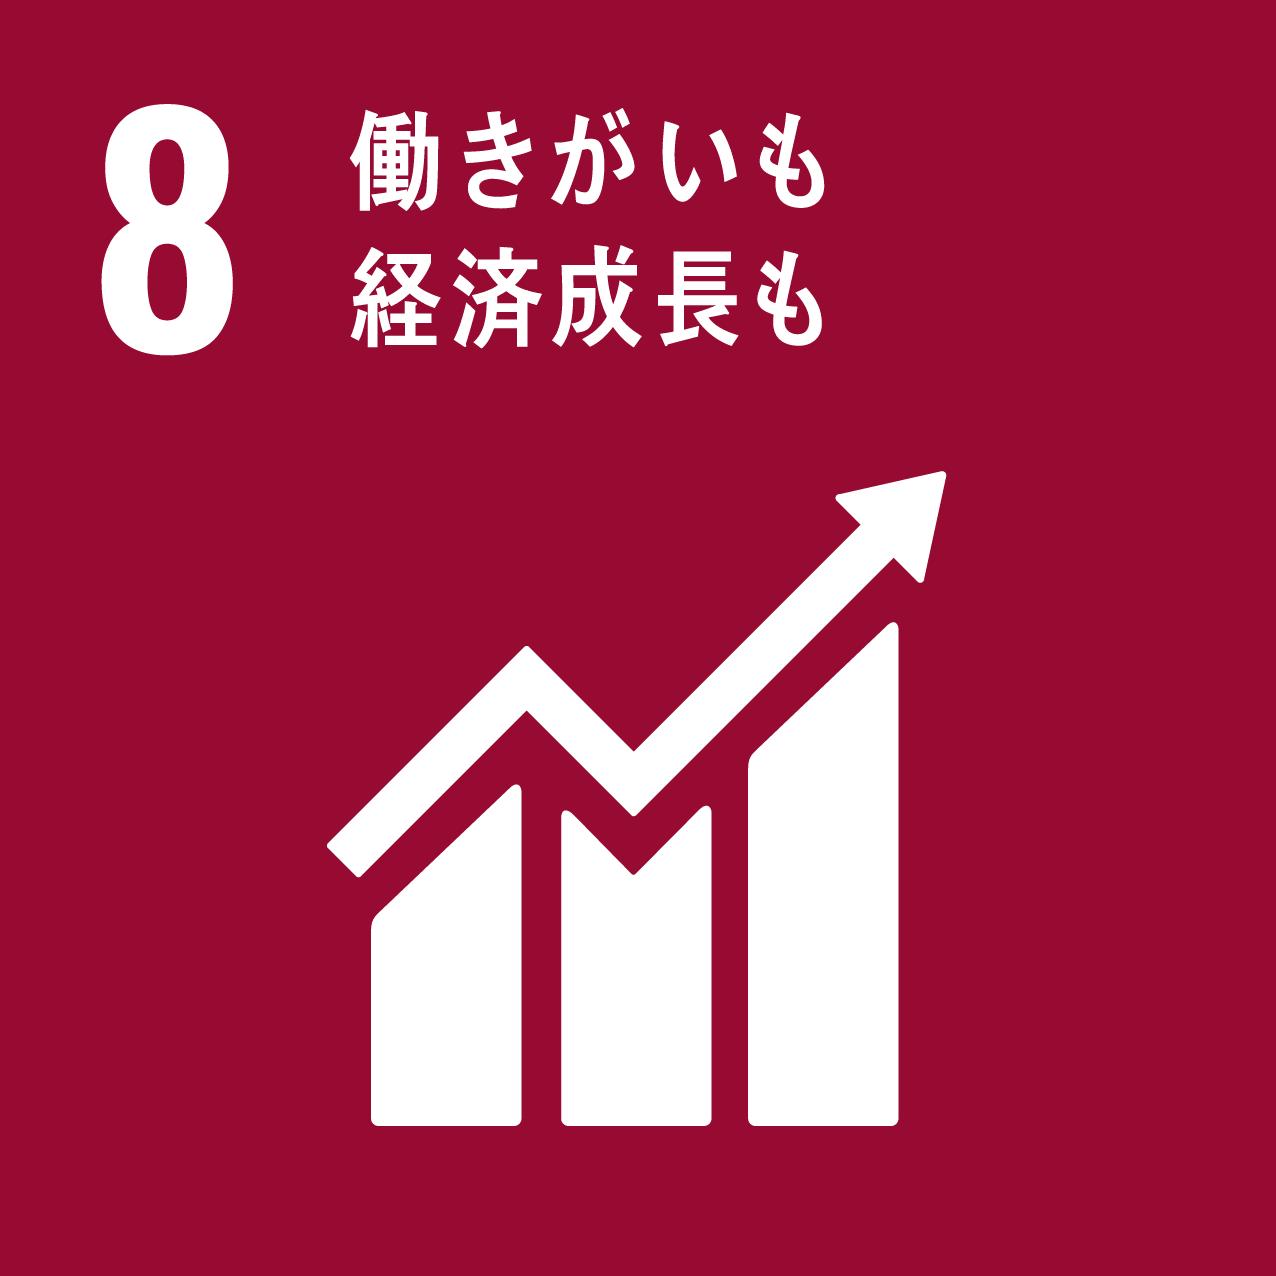 8.働きがいも、経済成長も